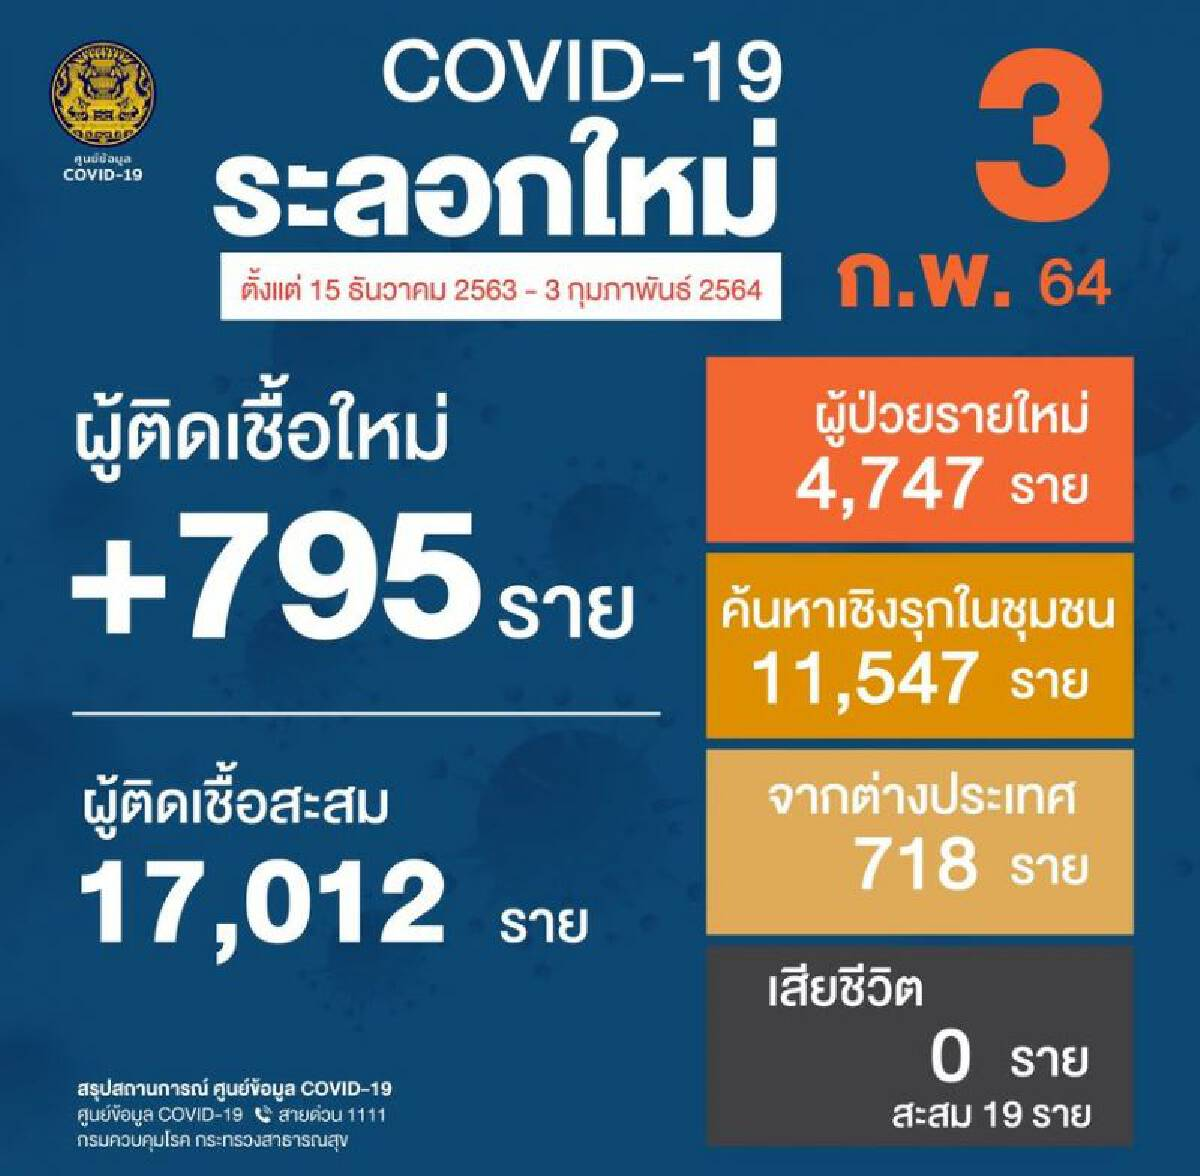 ยอดติดเชื้อโควิด 3 ก.พ.64 รายใหม่ 795 หายป่วยเพิ่ม 784 สะสม 21,249 ราย